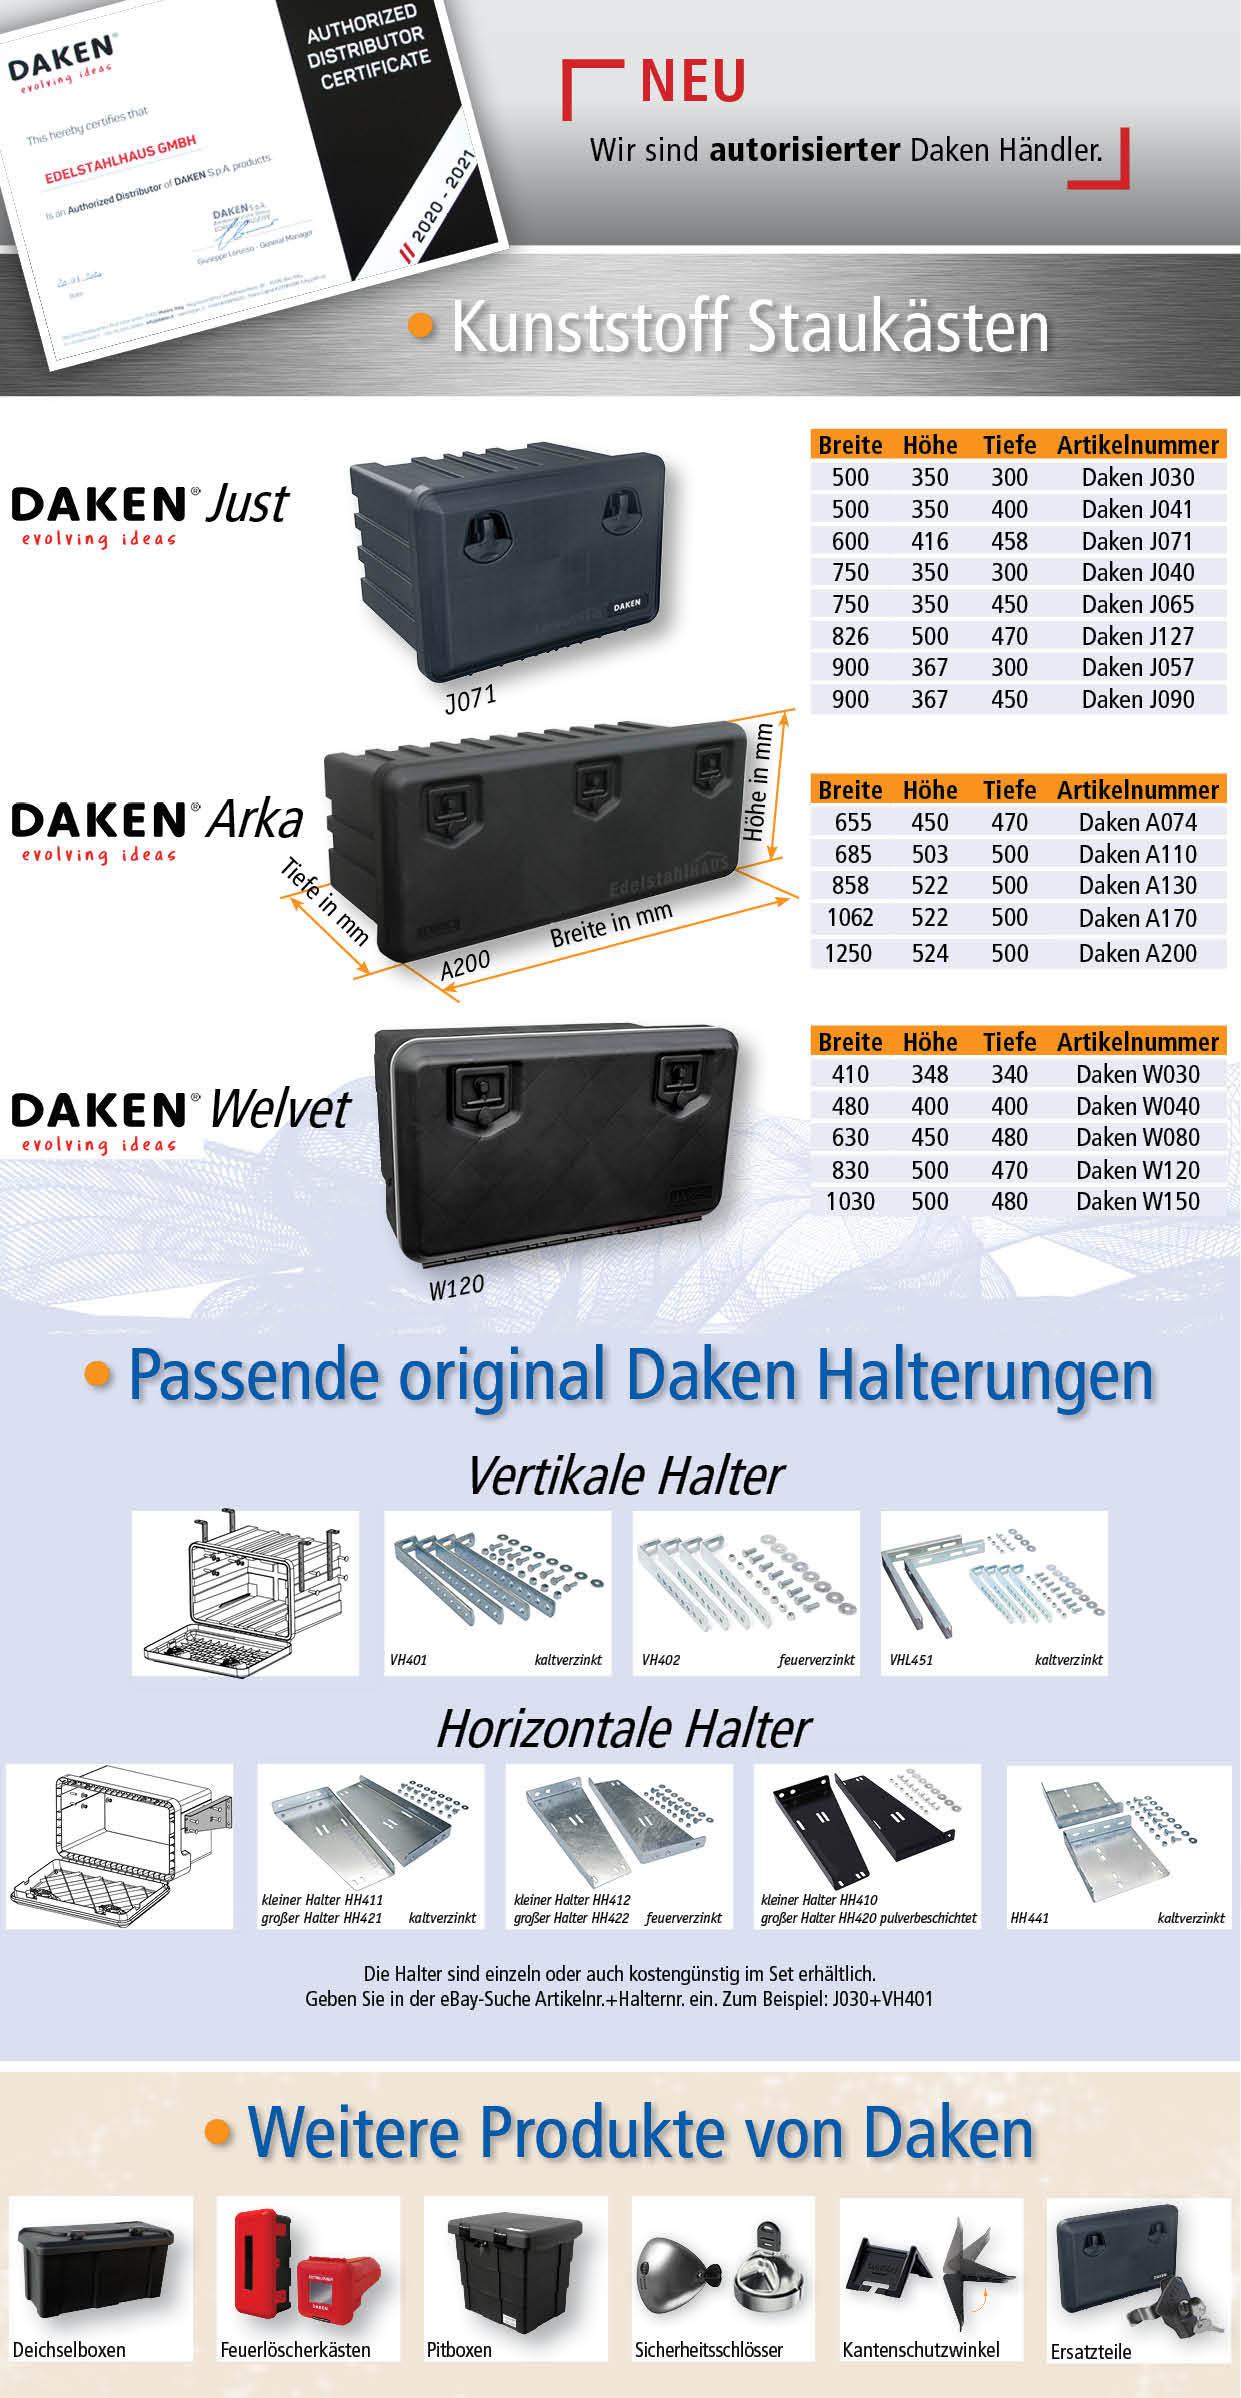 LKW Staukasten Werkzeugkasten Daken J071 Daken Just 600 Staubox 600x416x458mm